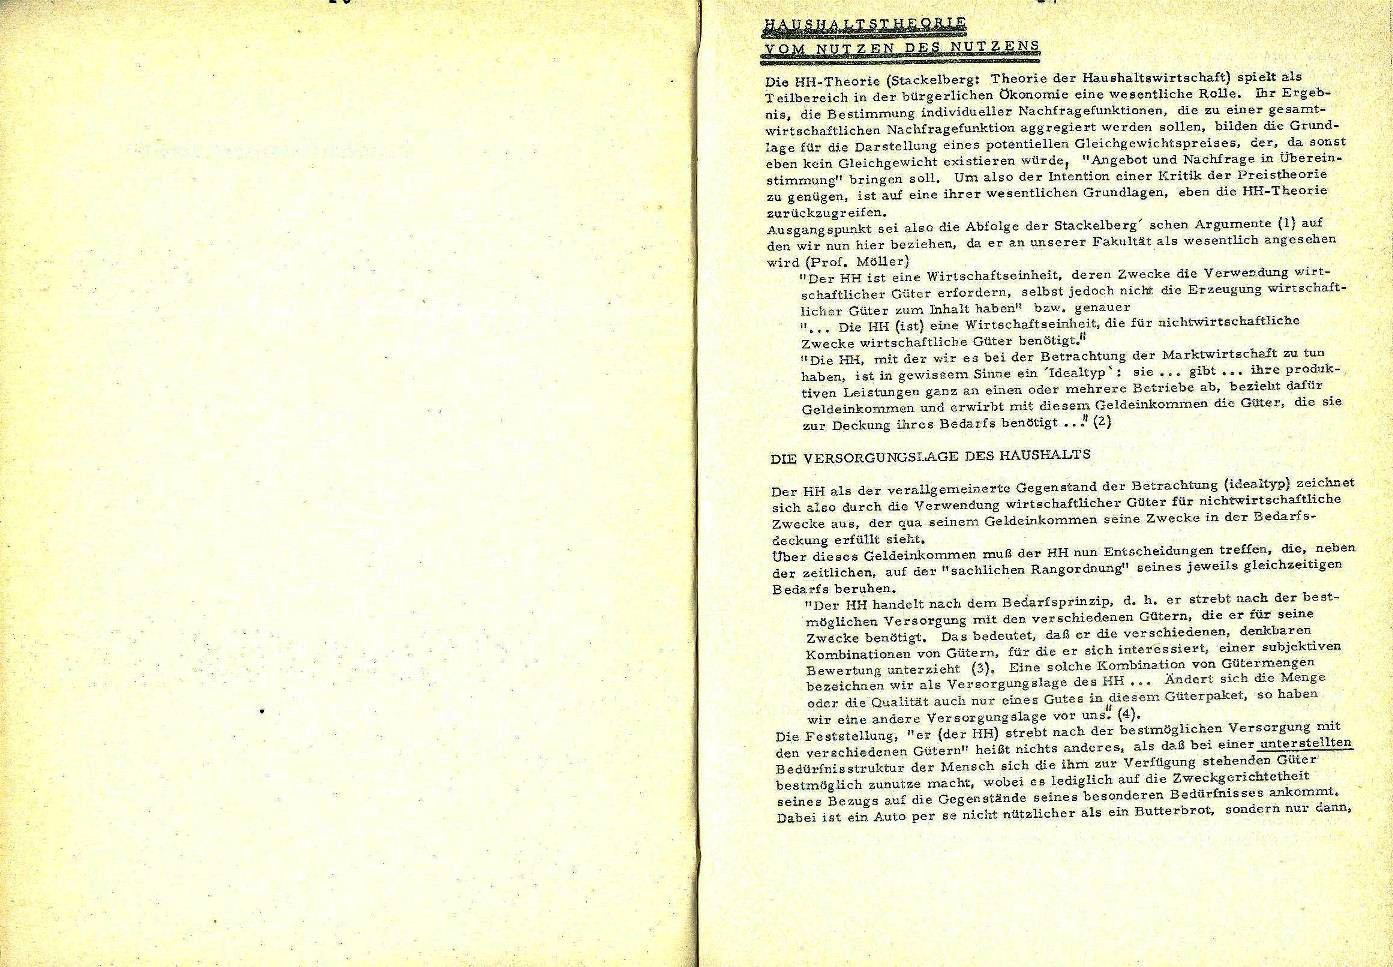 Muenchen_AK_Sozialistisches_Studium012